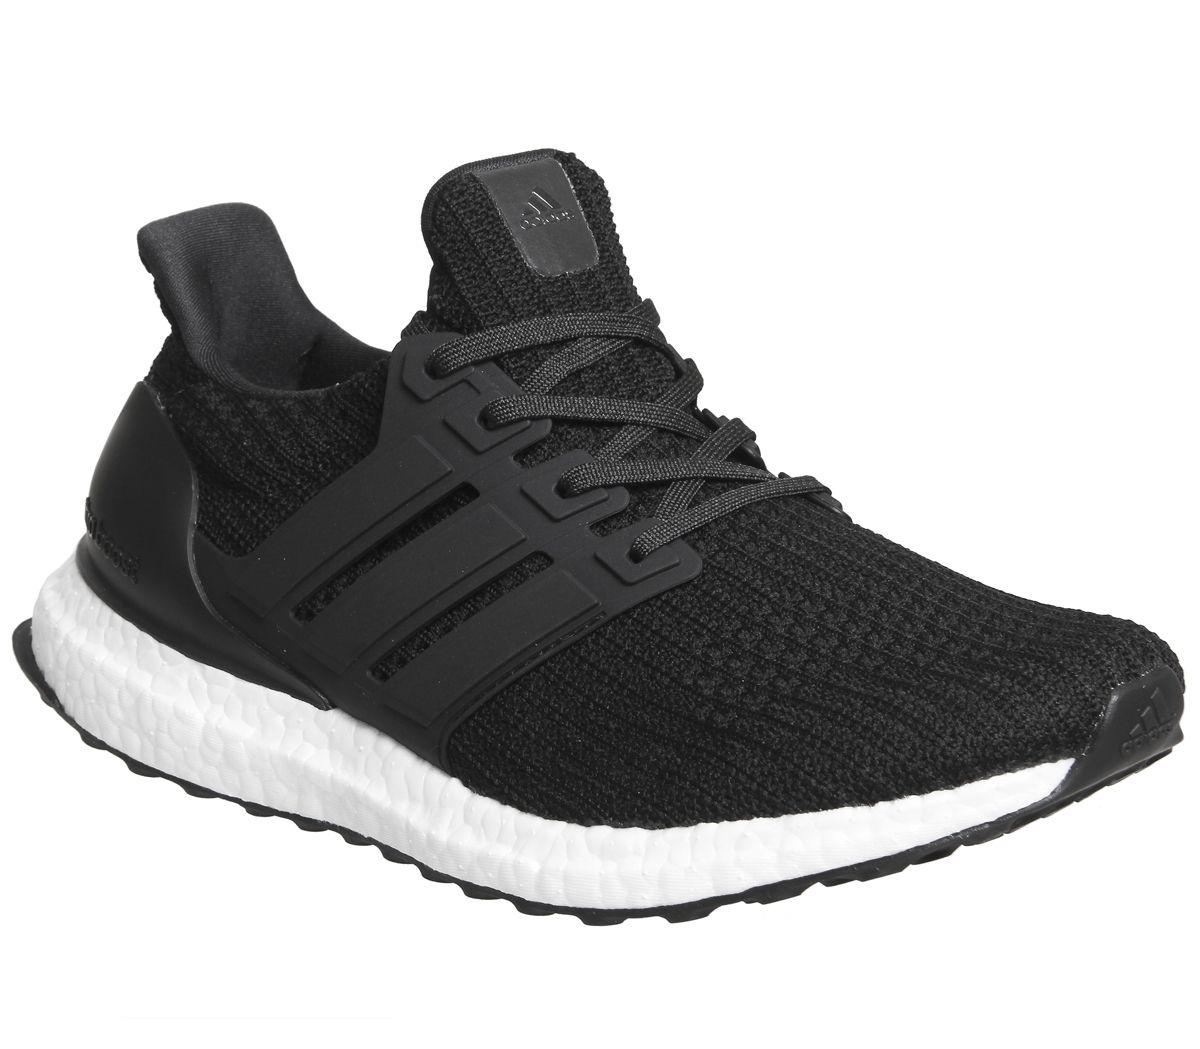 the latest 08751 20595 SENTINEL Scarpe uomo Adidas Ultra Boost istruttori formatori bianco nero